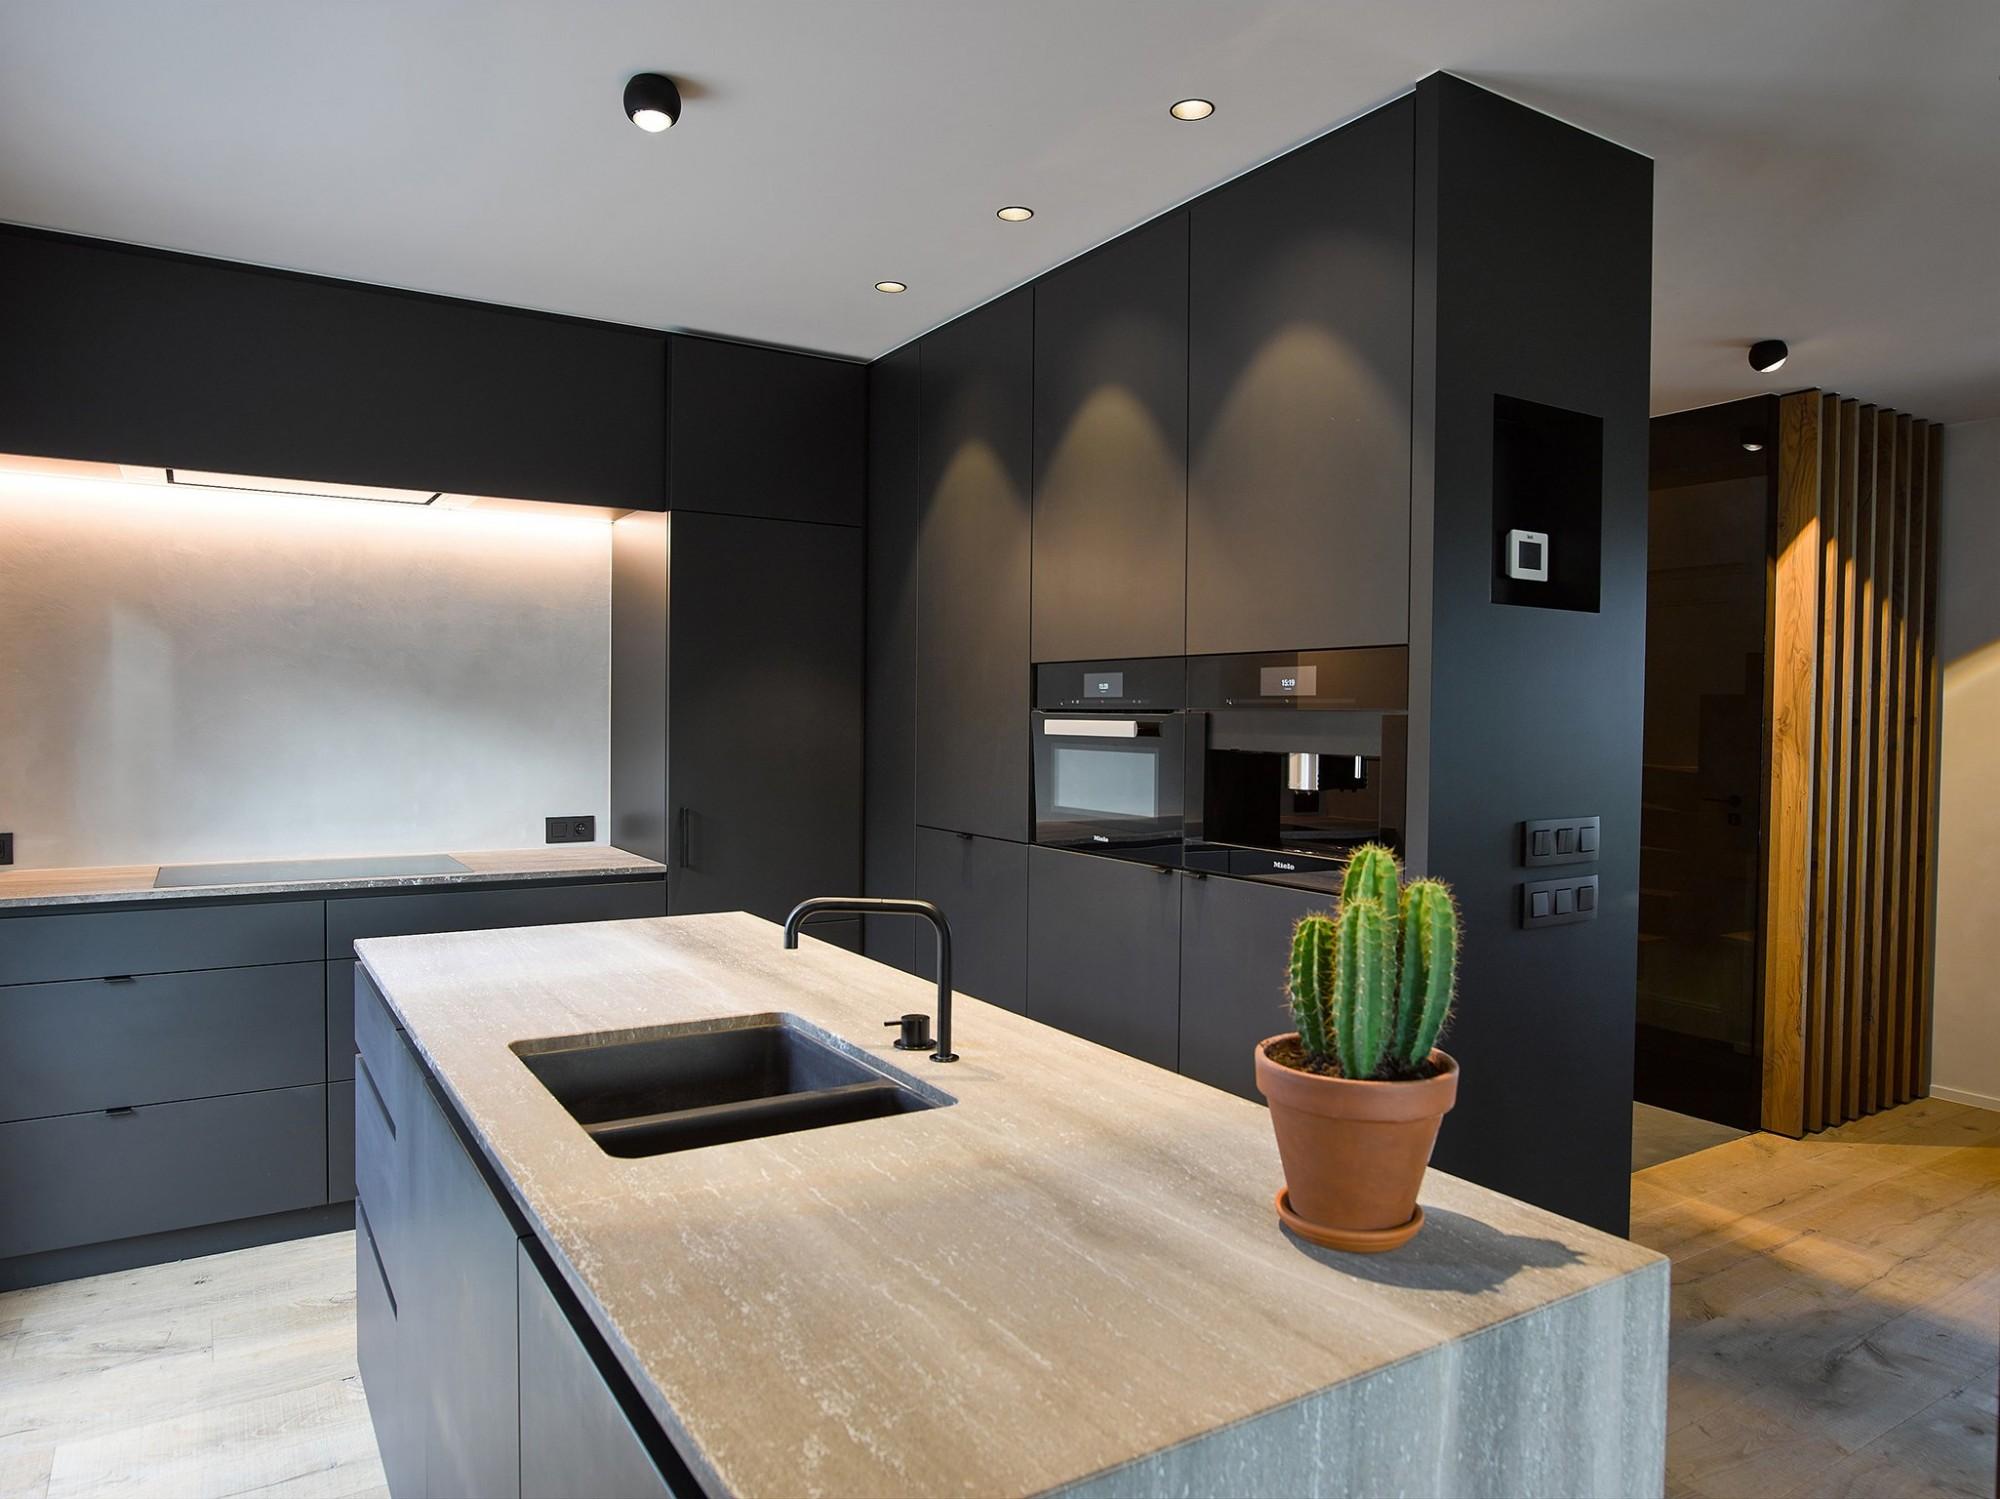 Afbeelding: keuken inrichting voor © totaal projecten Vergalle, fotografie foto Van Huffel